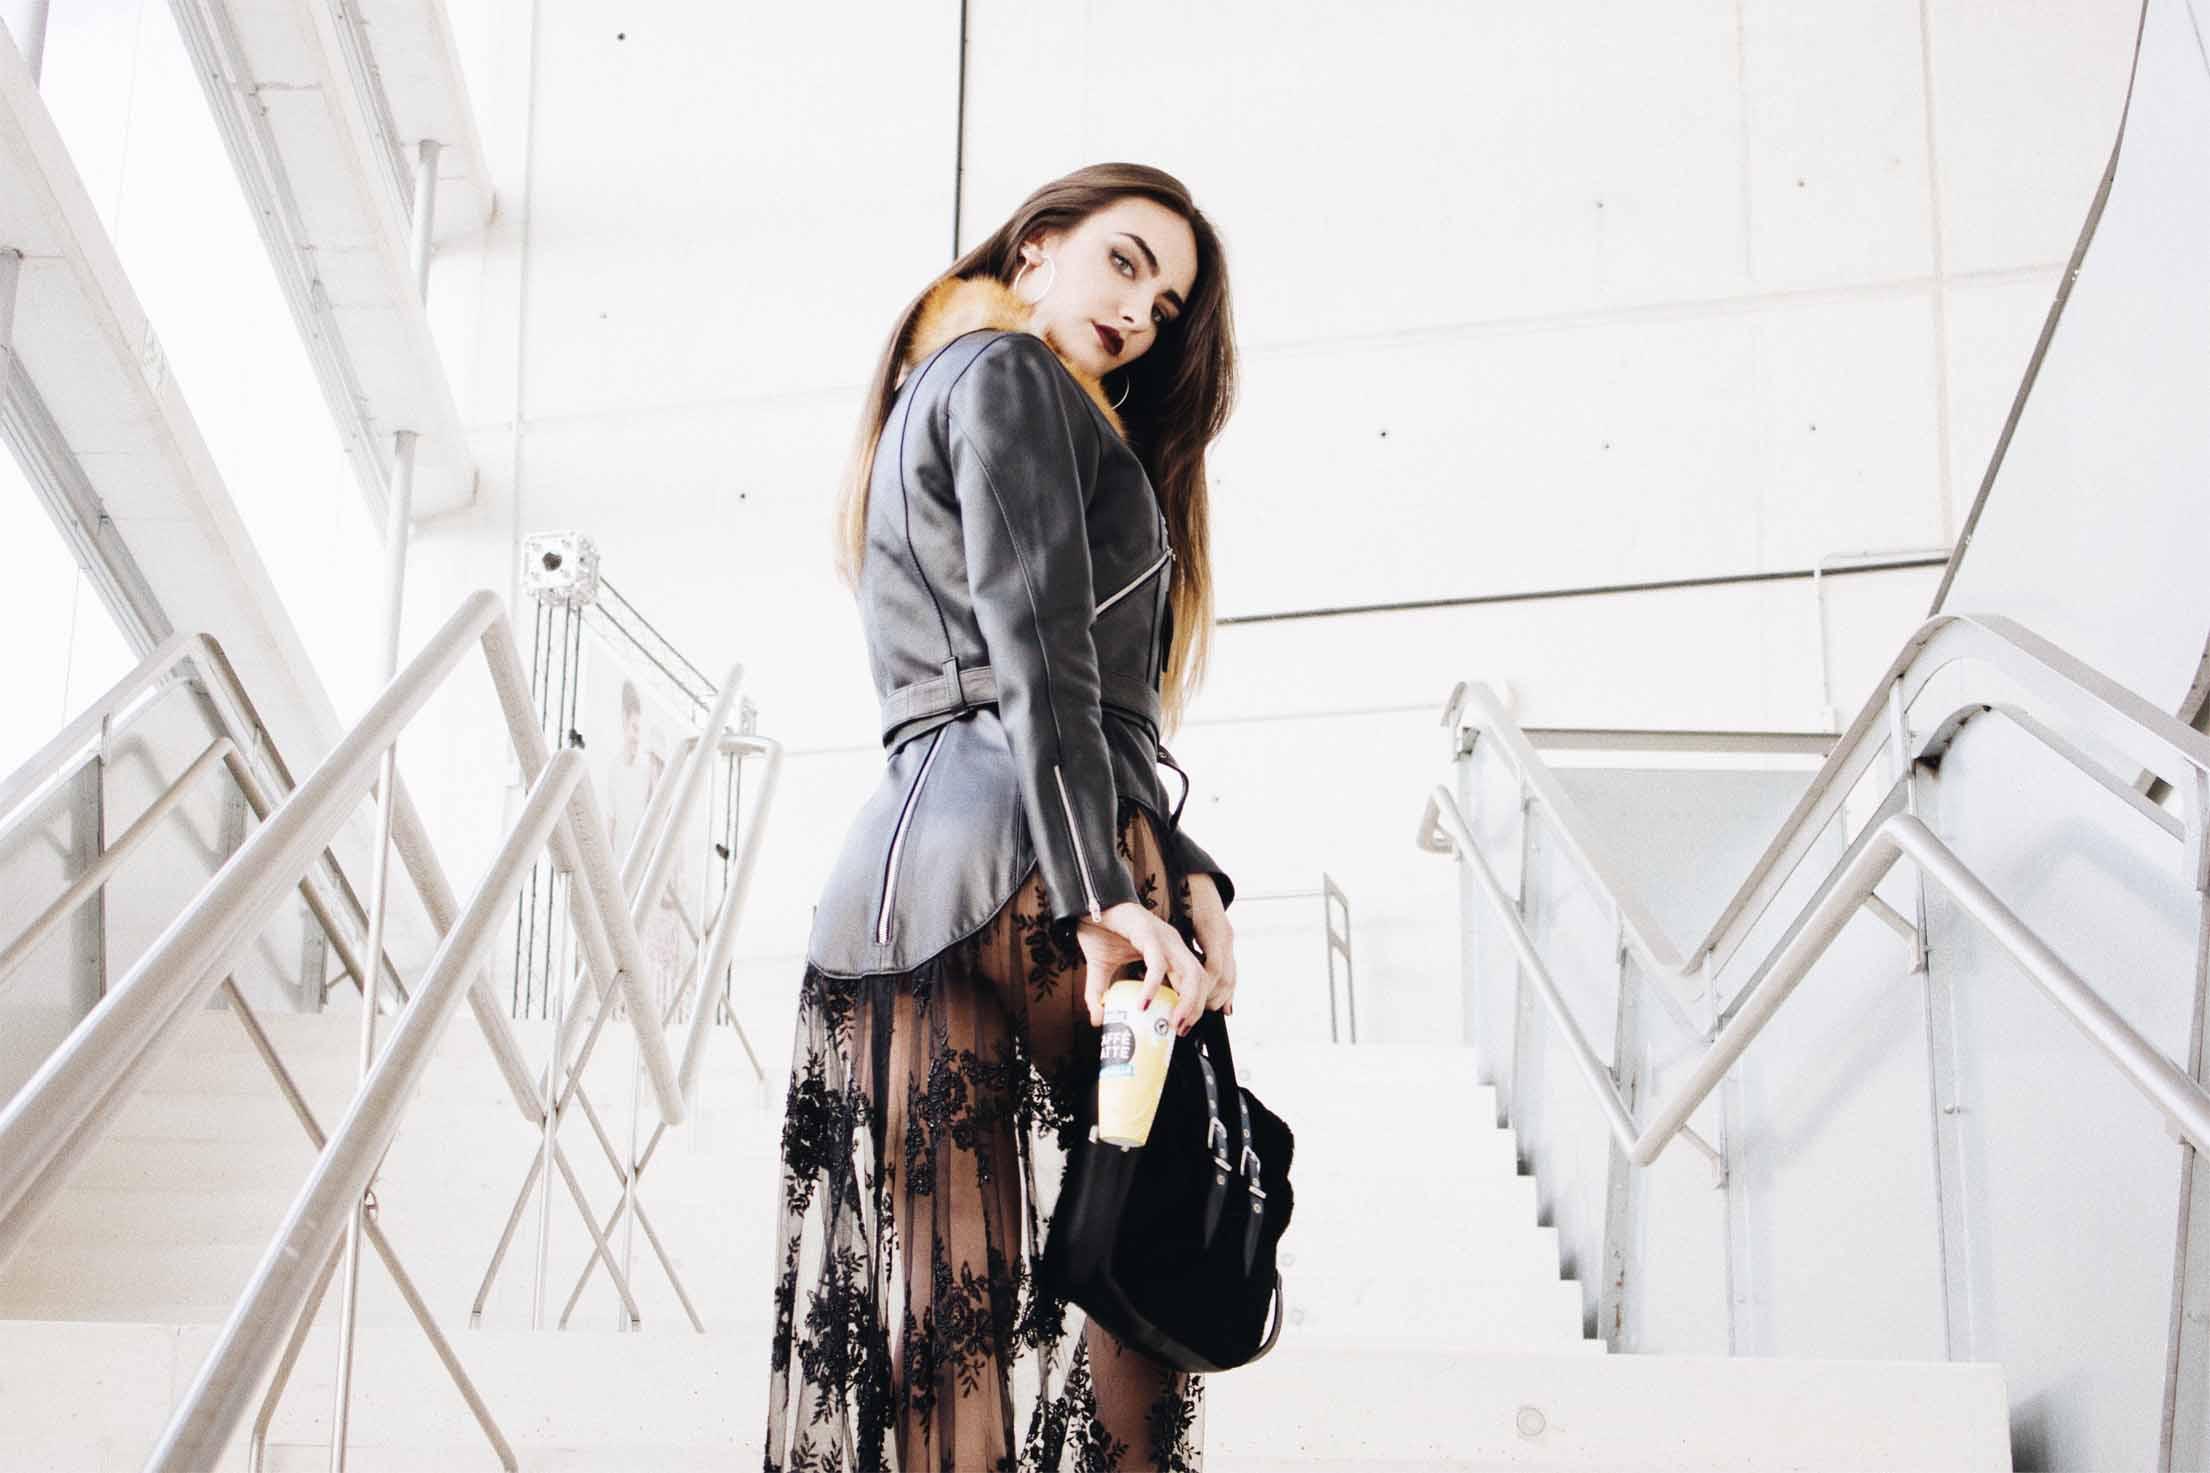 Dominnico, estandarte de la nueva generación de diseñadores de moda españoles